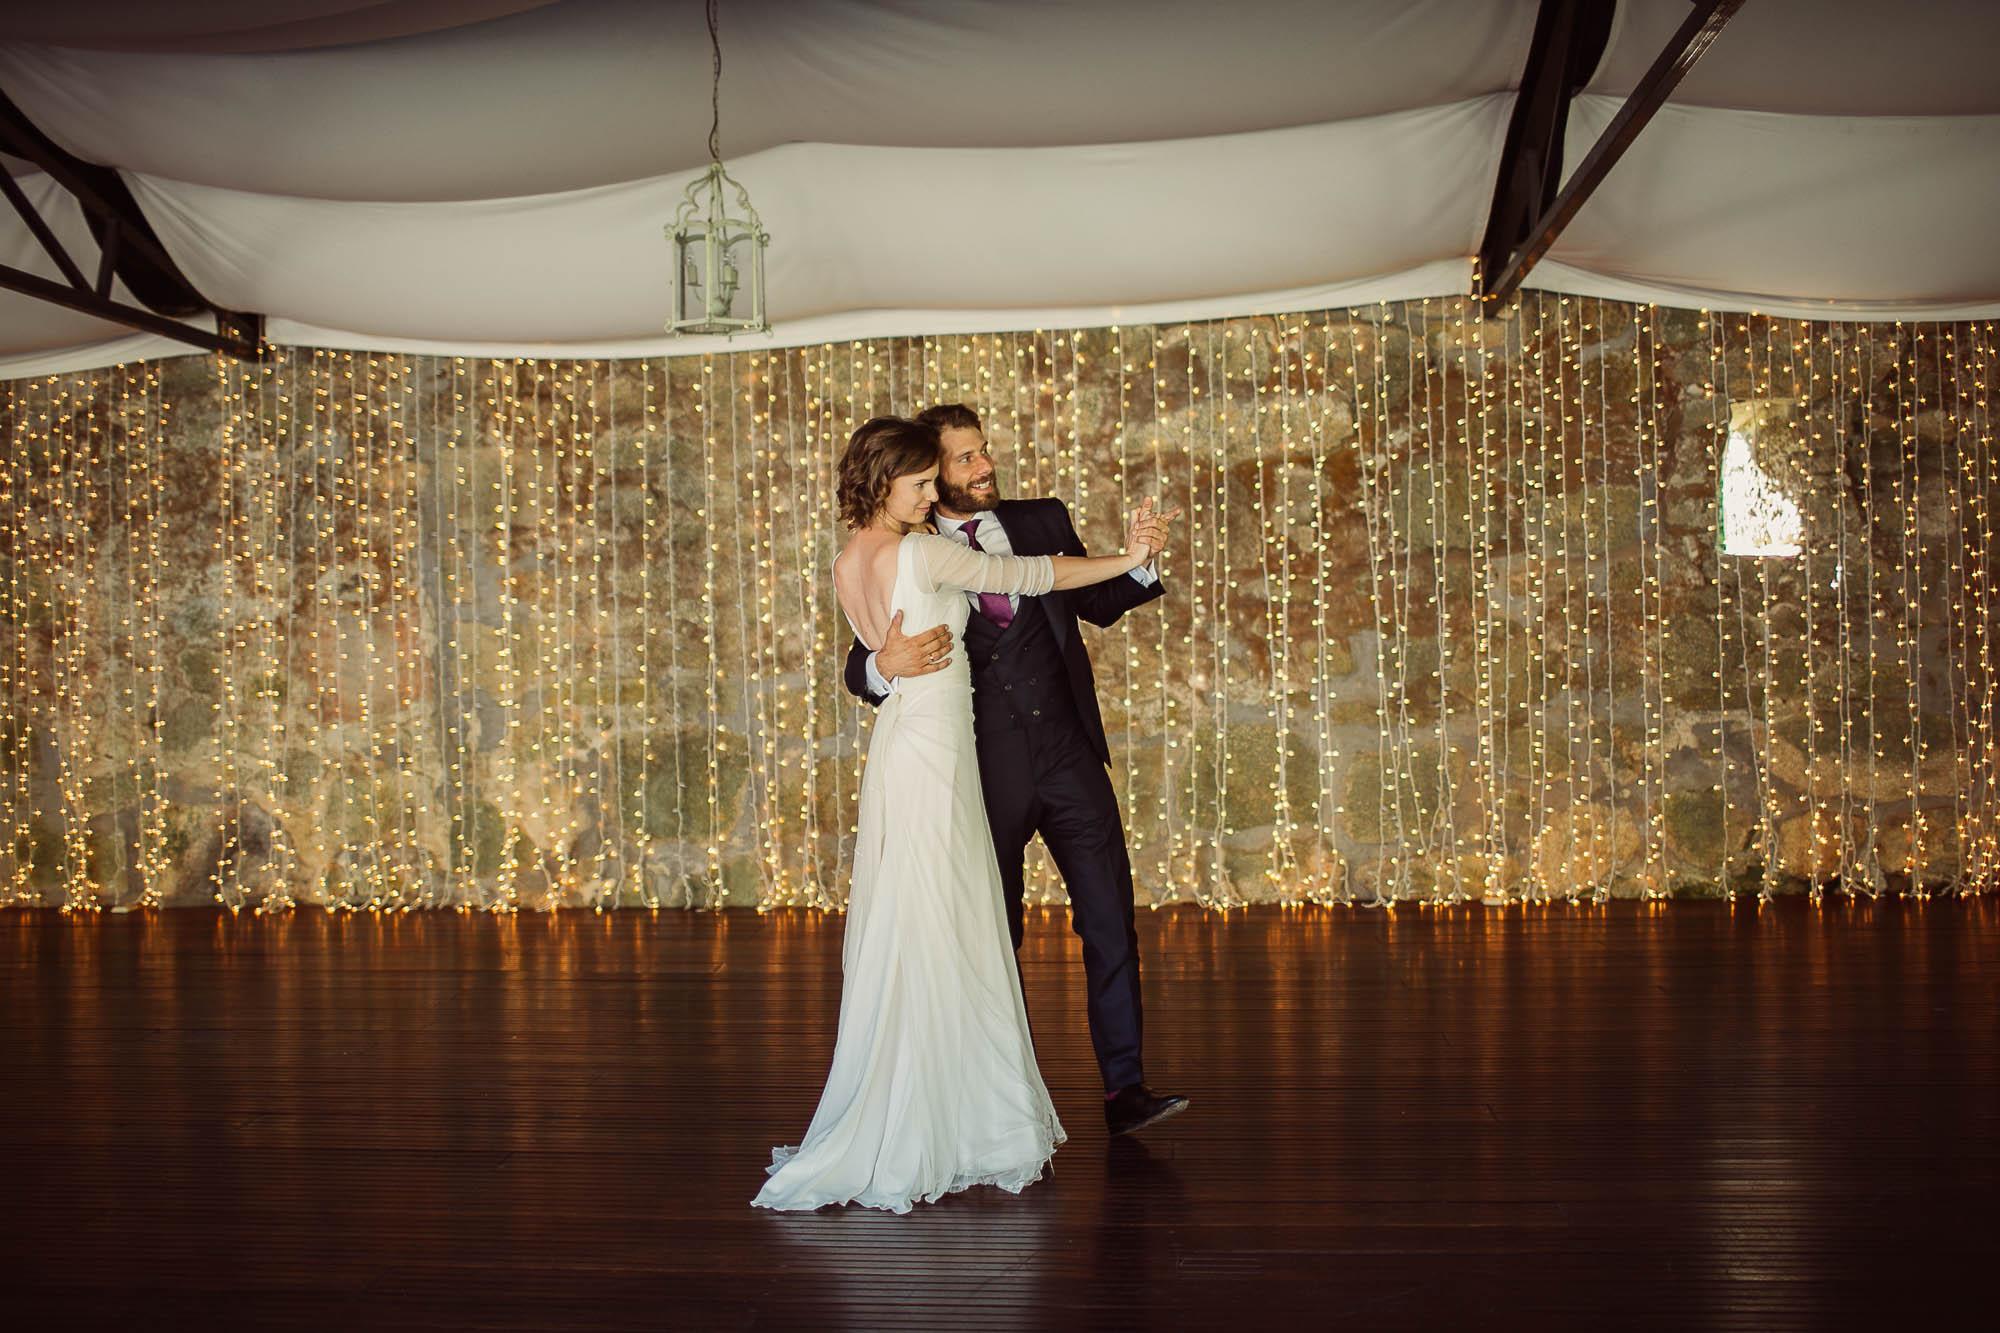 Marido y mujer bailando en un salón con suelo de madera oscura bajo una carpa con un fondo de luces